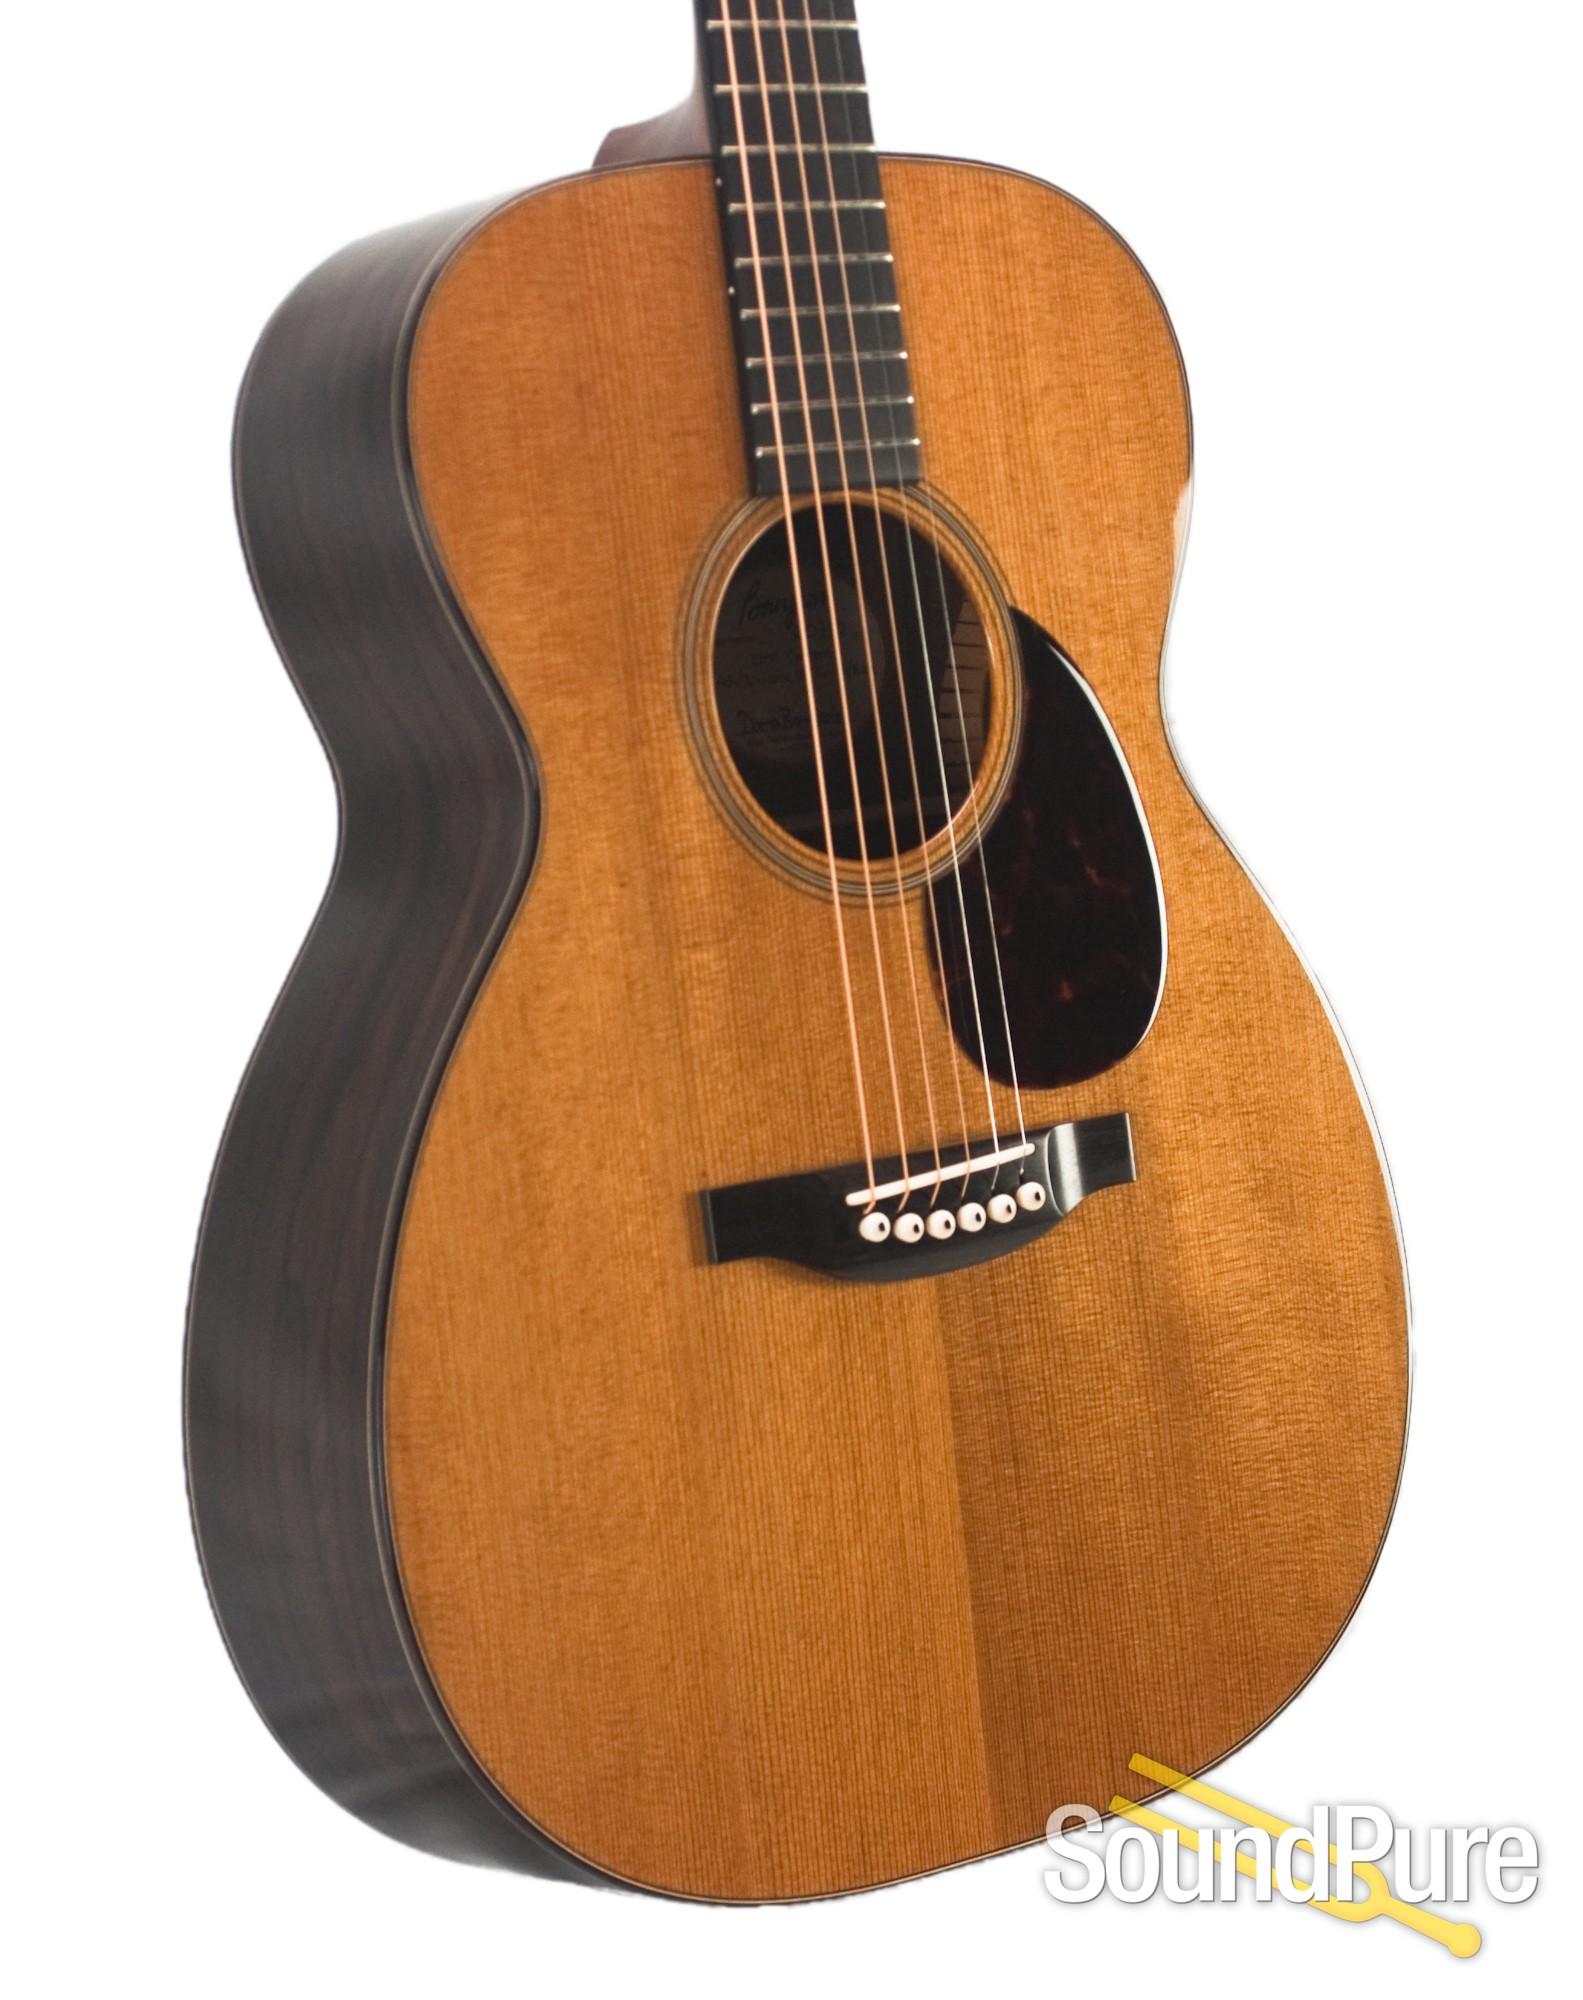 Bourgeois Aged Tone Adirondack Ziricote Om Acoustic Guitar